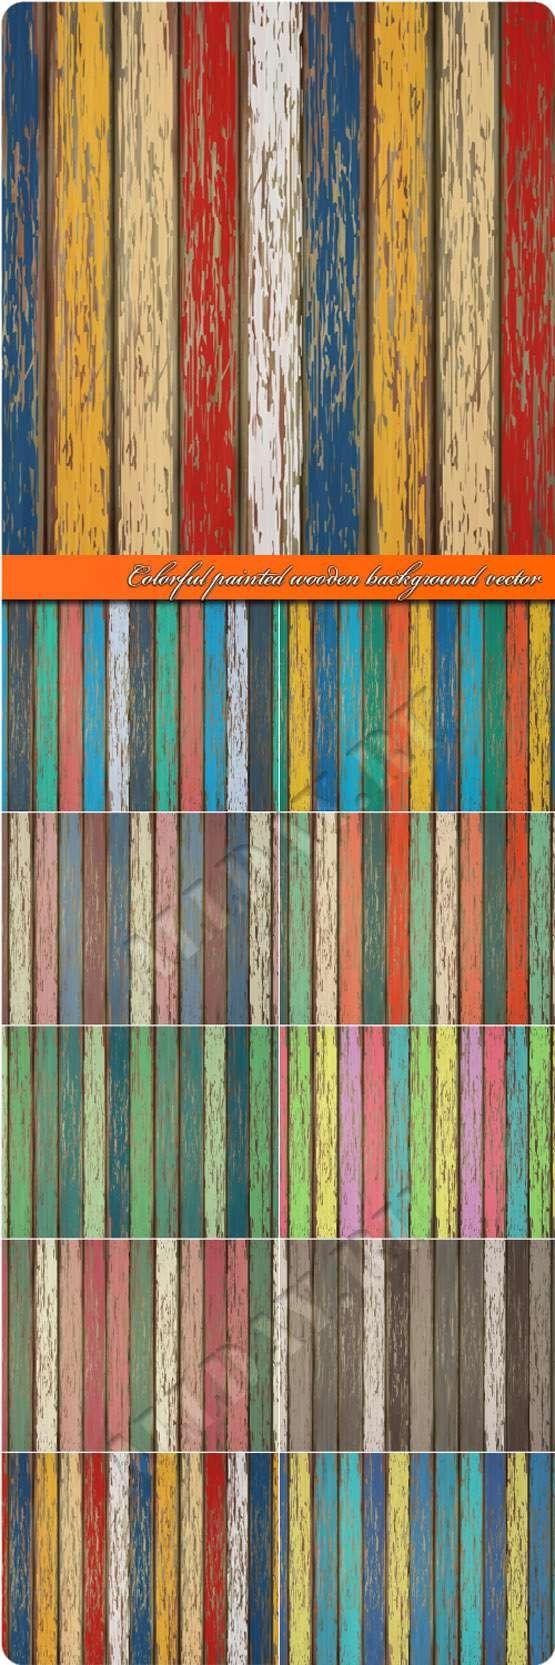 Деревянные доски покрашенные красной в разные цвета | Colorful painted wooden background vector